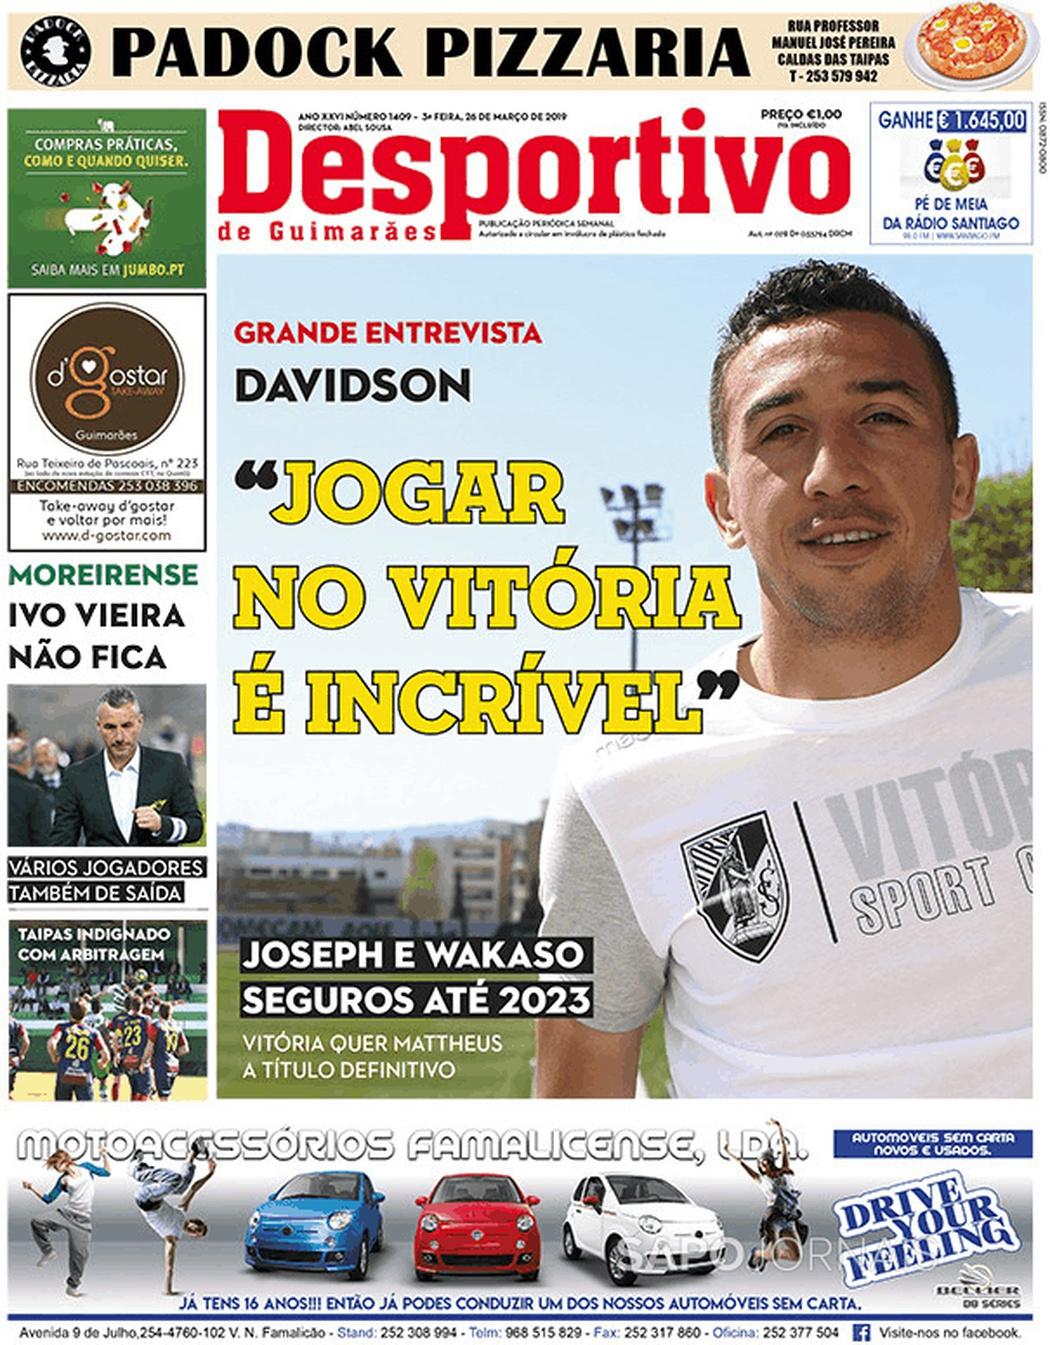 Banca De Jornais Desportivo De Guimarães 26 03 2019 Futebol 365